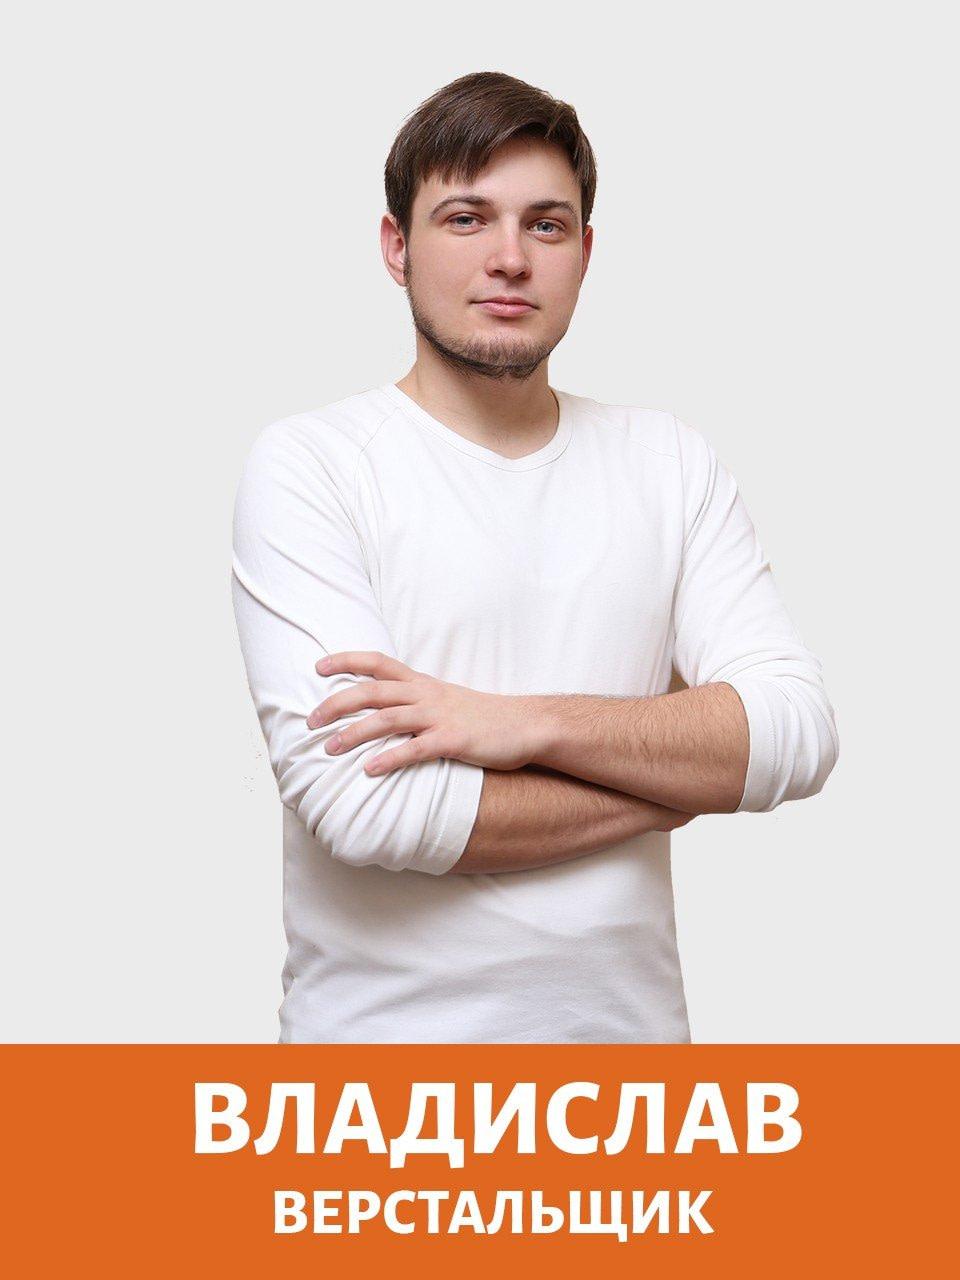 vladislav verstalshhik - Главная